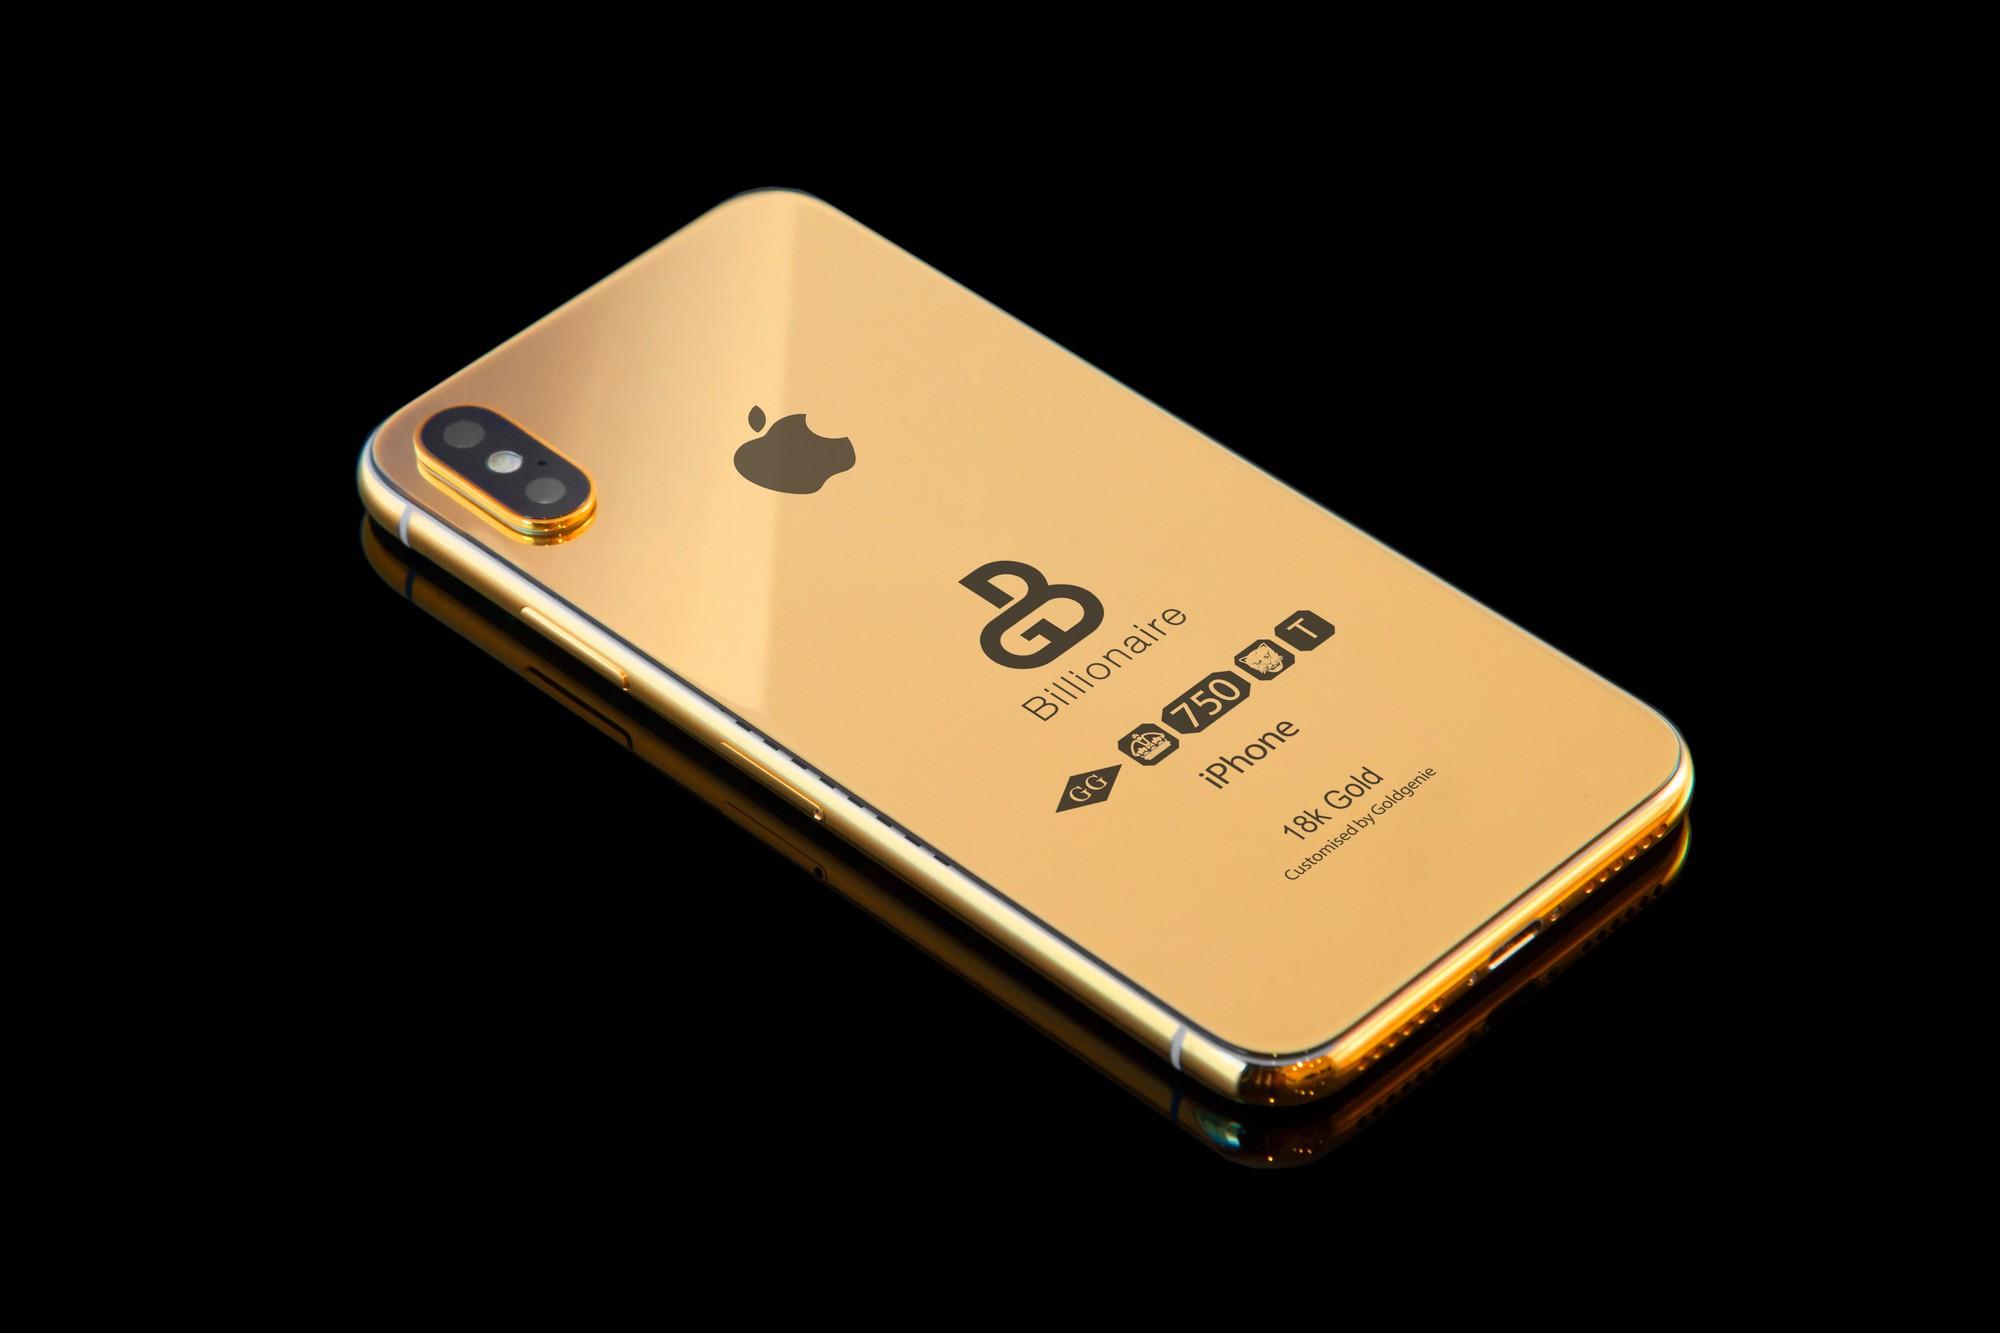 iPhone Xs ép vàng gần 3 tỷ đồng đã xuất hiện cho đặt online dù hàng gốc Apple tháng sau mới ra mắt - Ảnh 3.